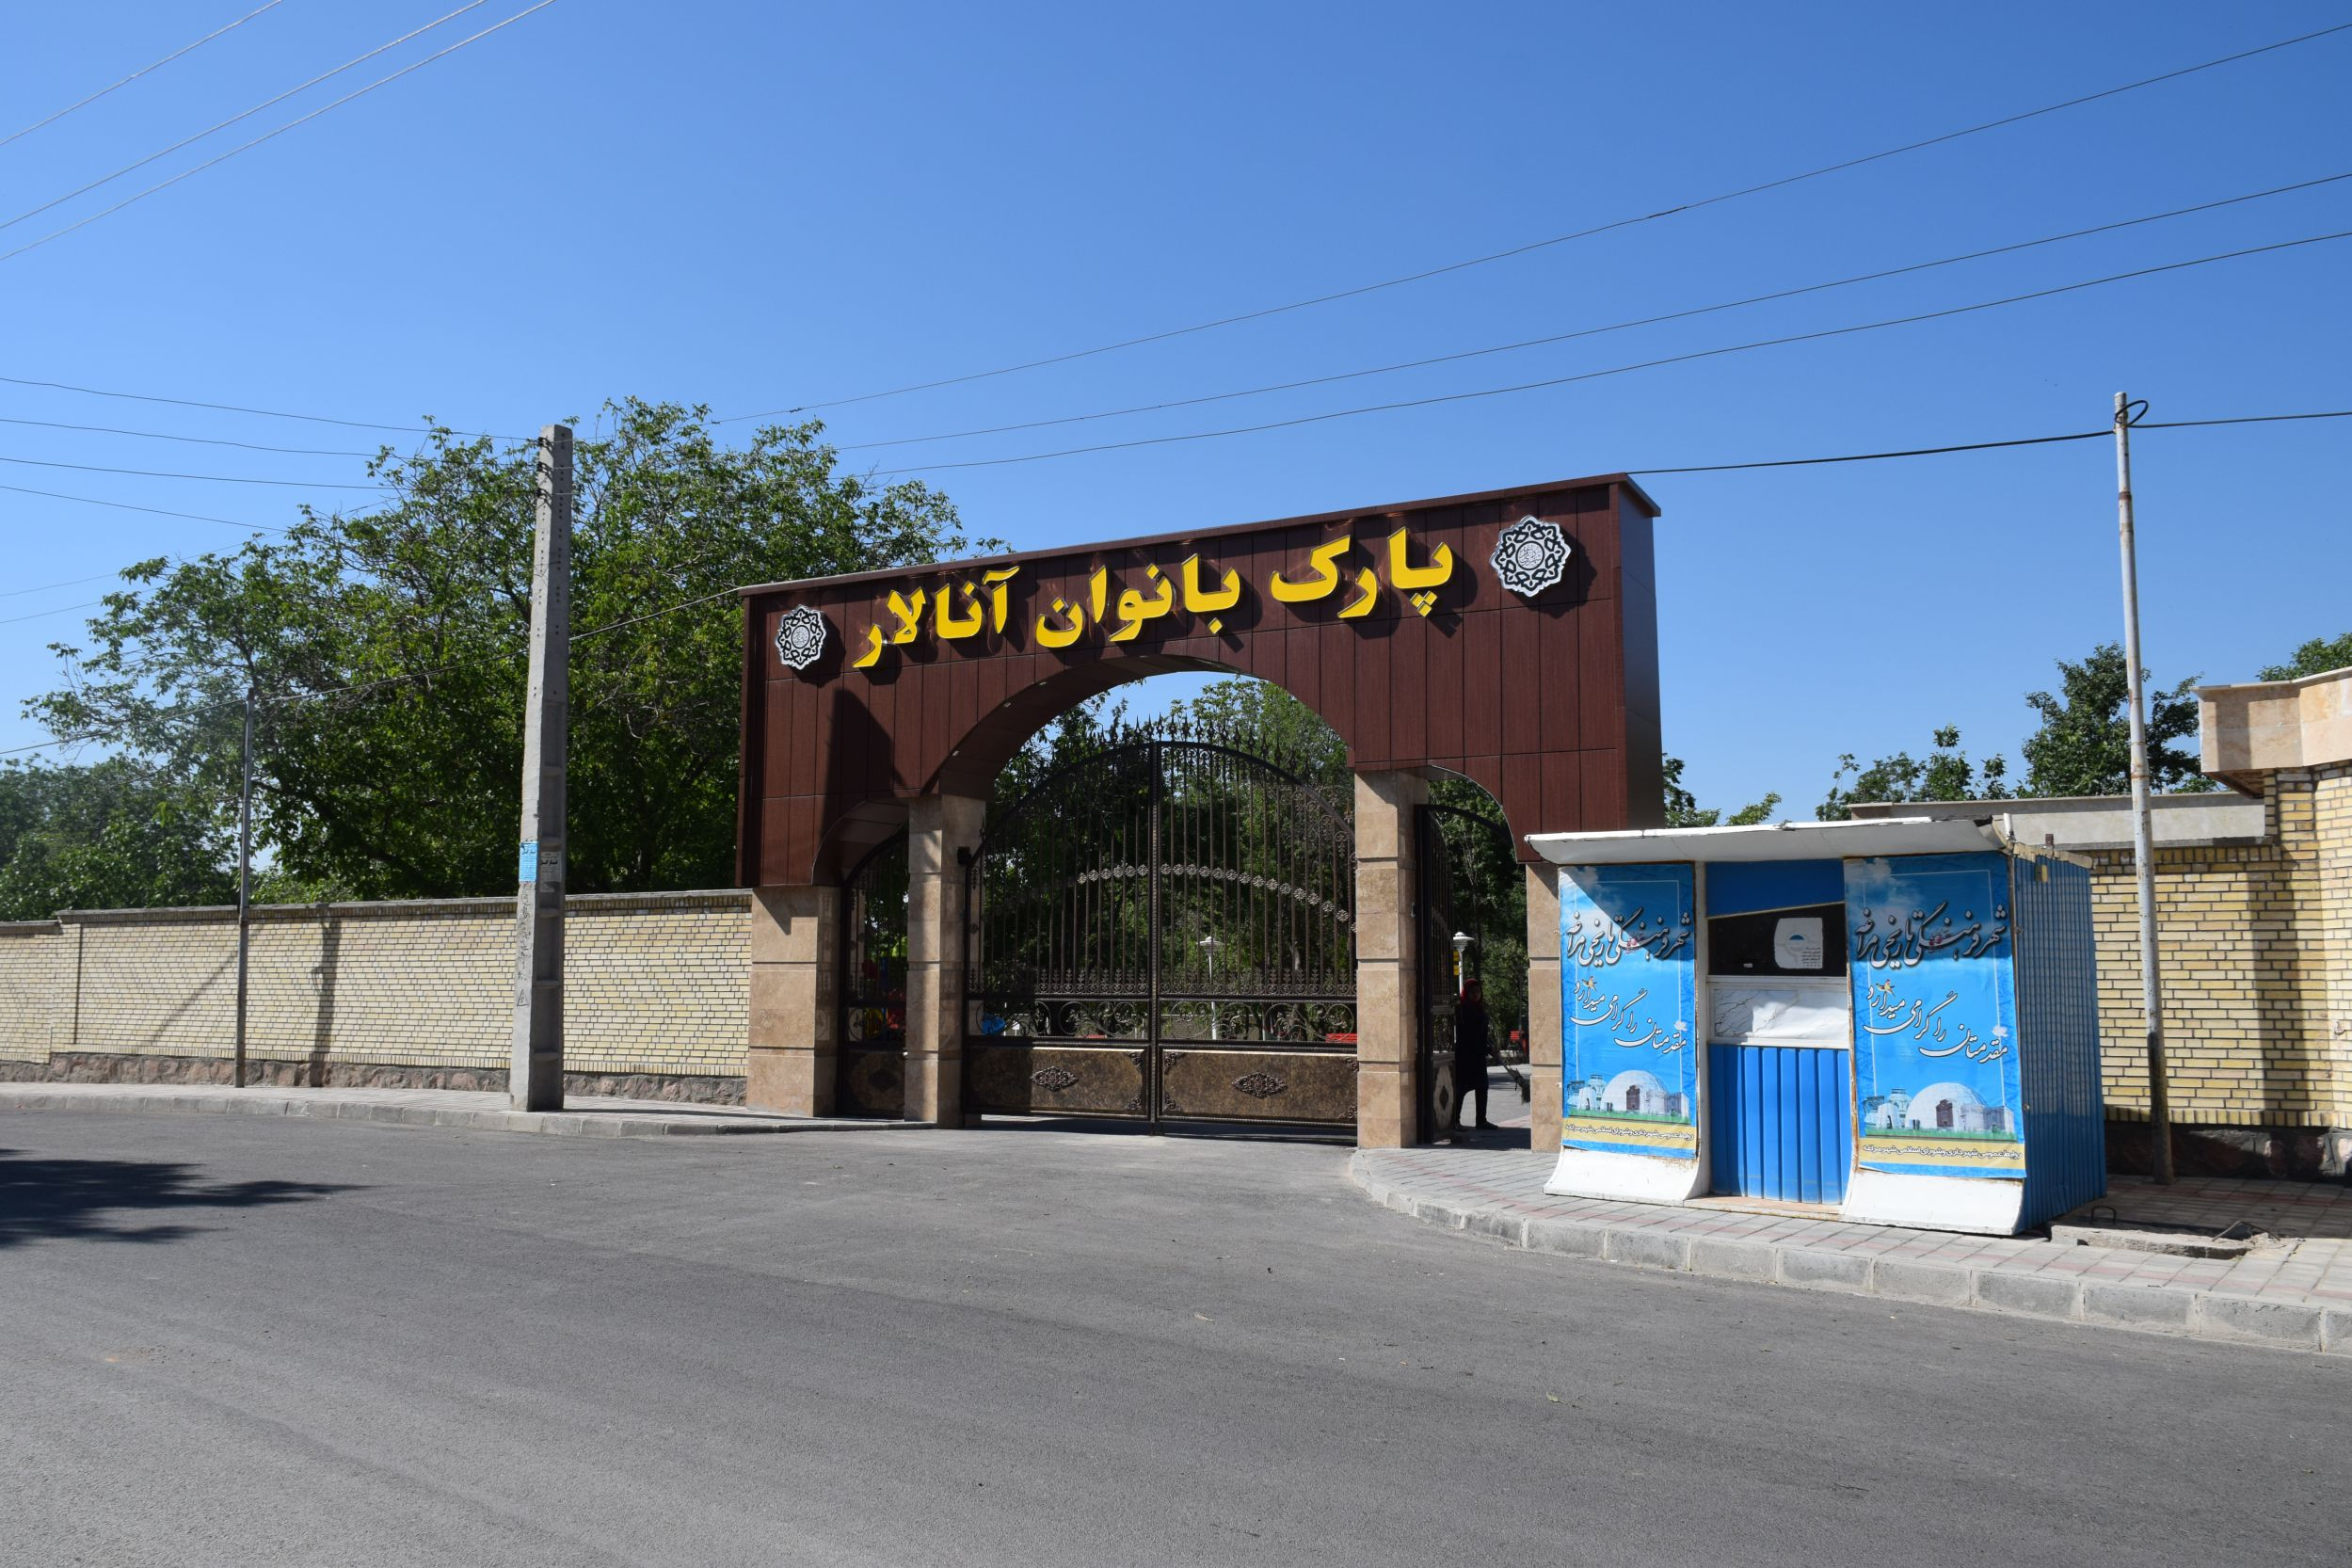 پارک بانوان آنالار